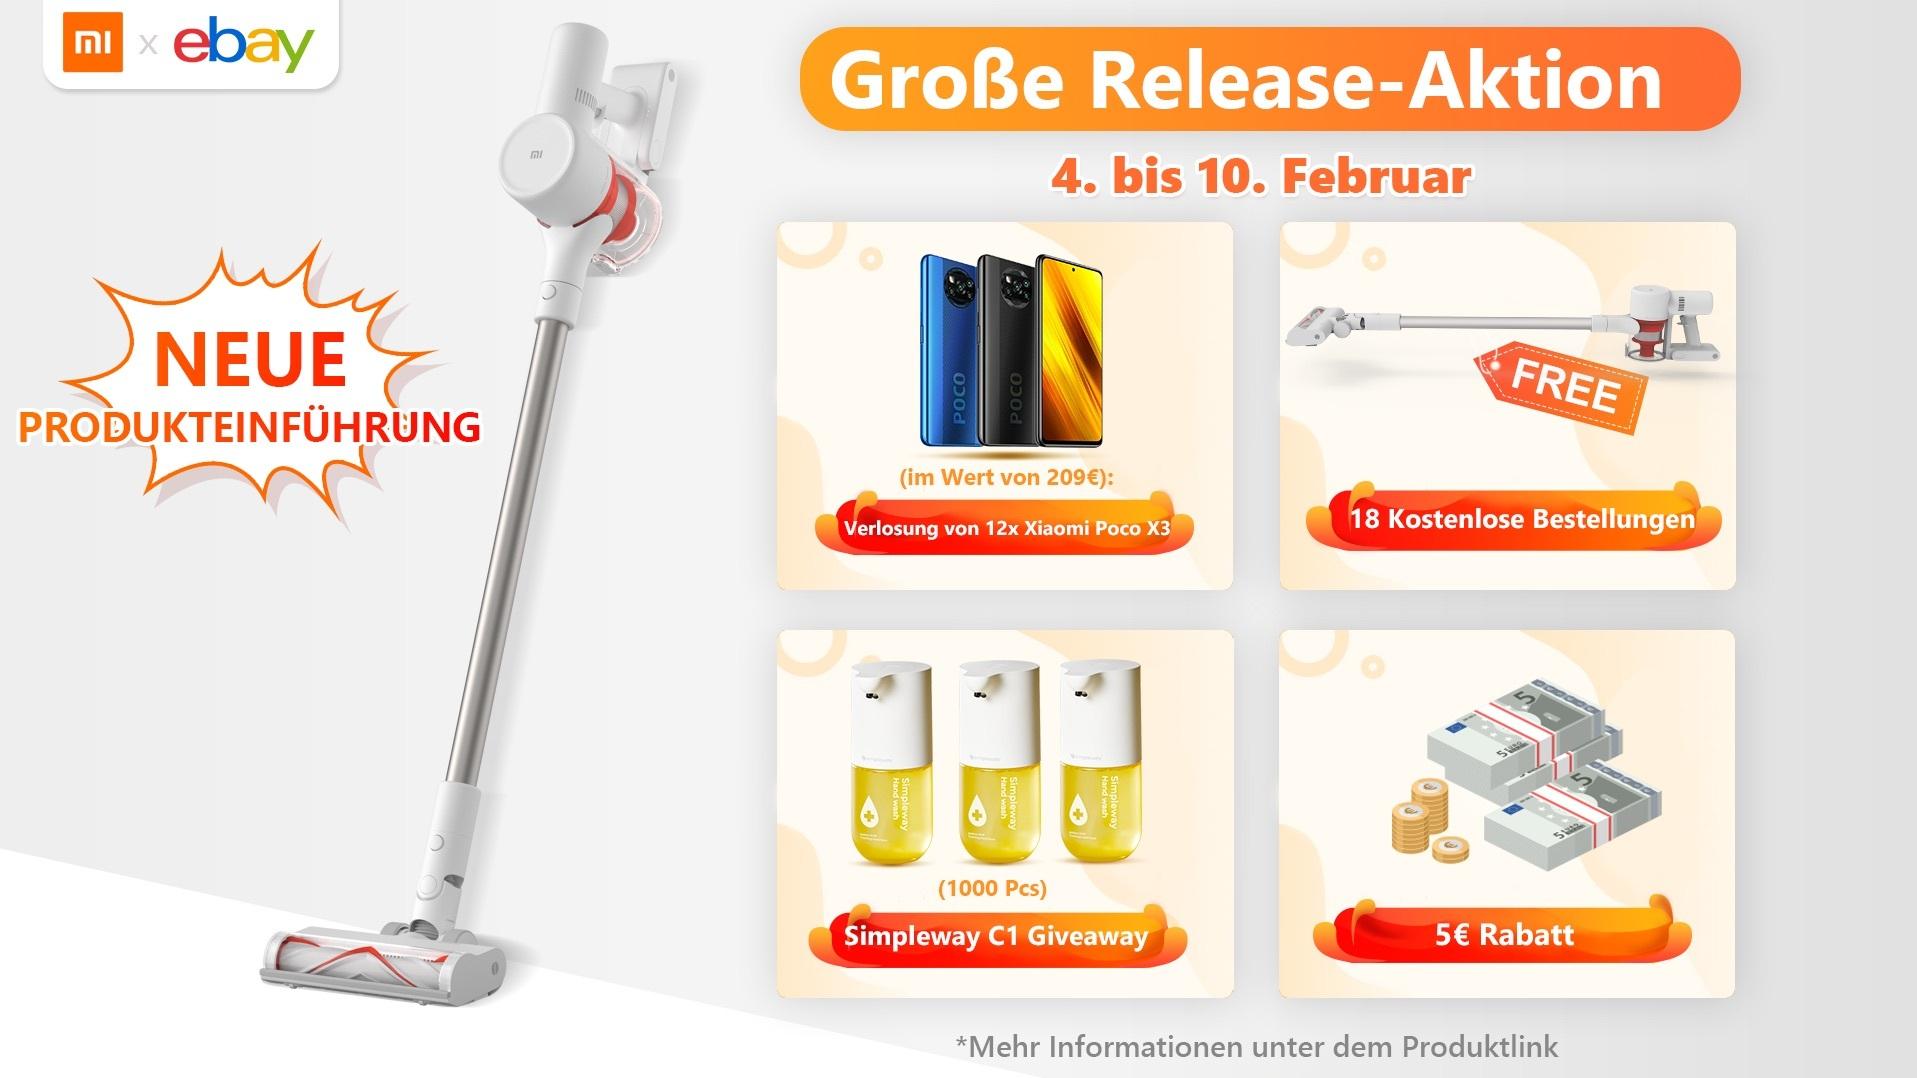 Mi Vacuum Cleaner G9 von Xiaomi gewinnen!